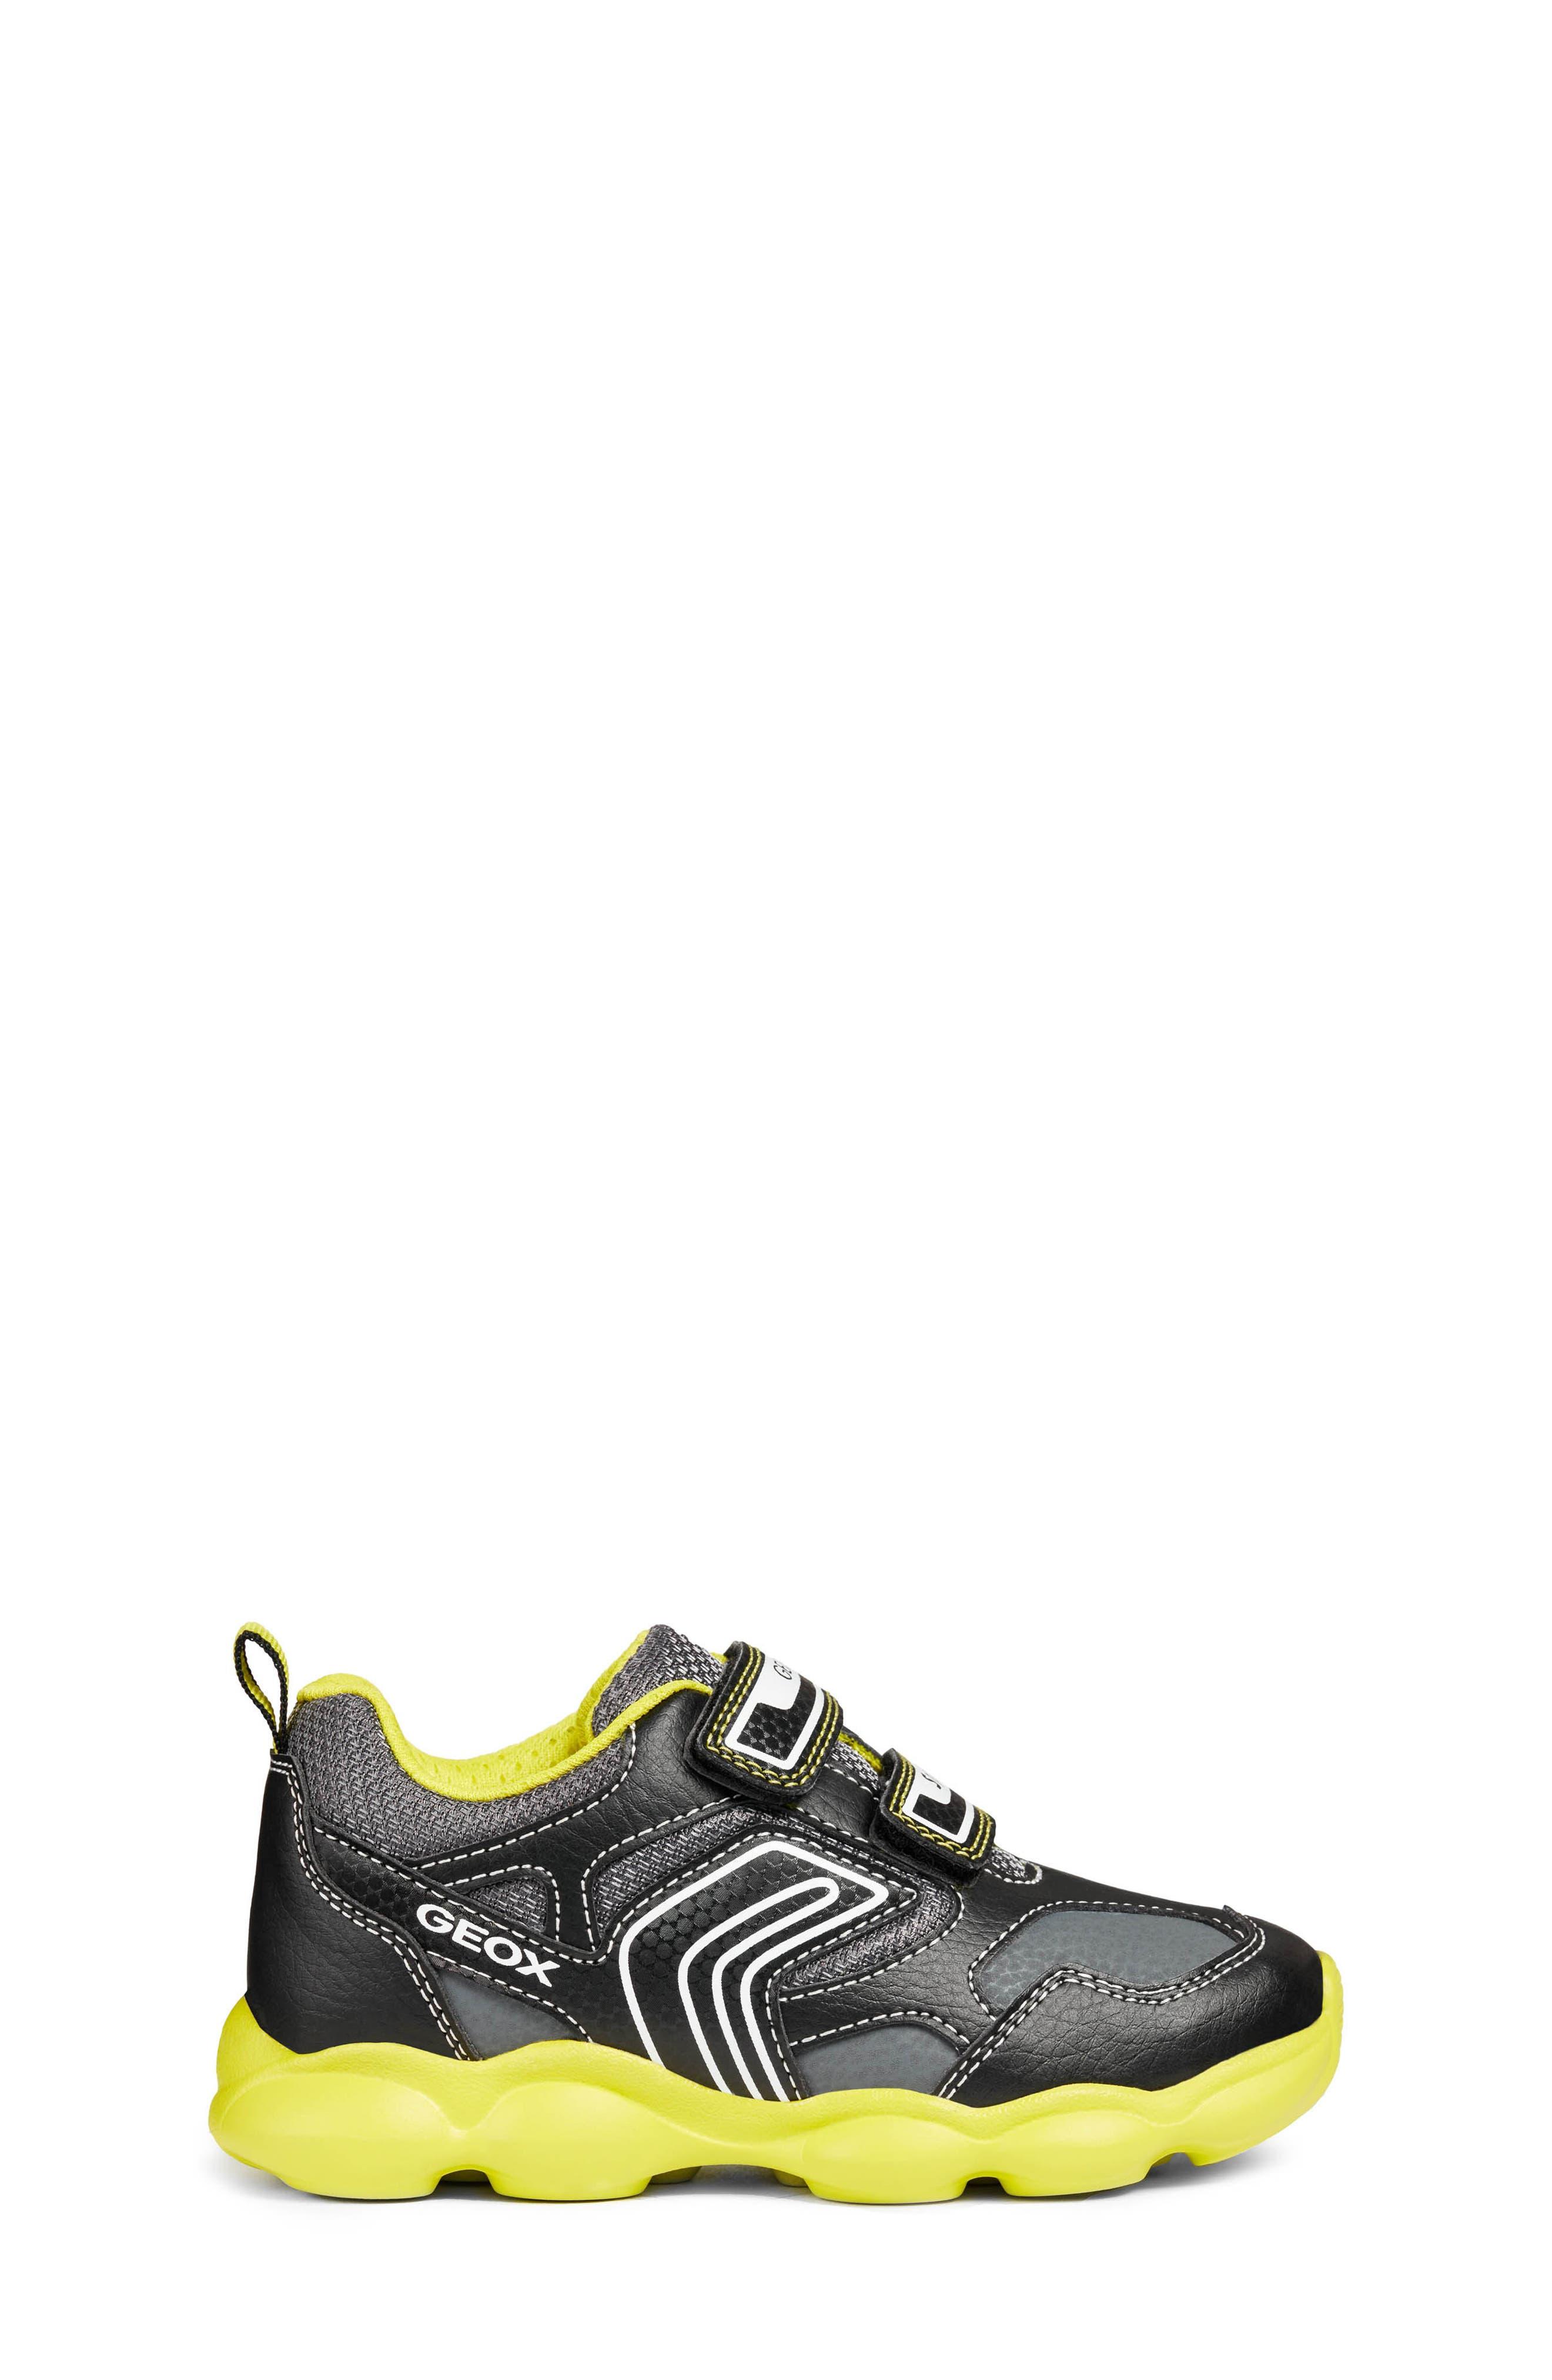 GEOX, Munfrey Waterproof Sneaker, Alternate thumbnail 3, color, BLACK/ LIME